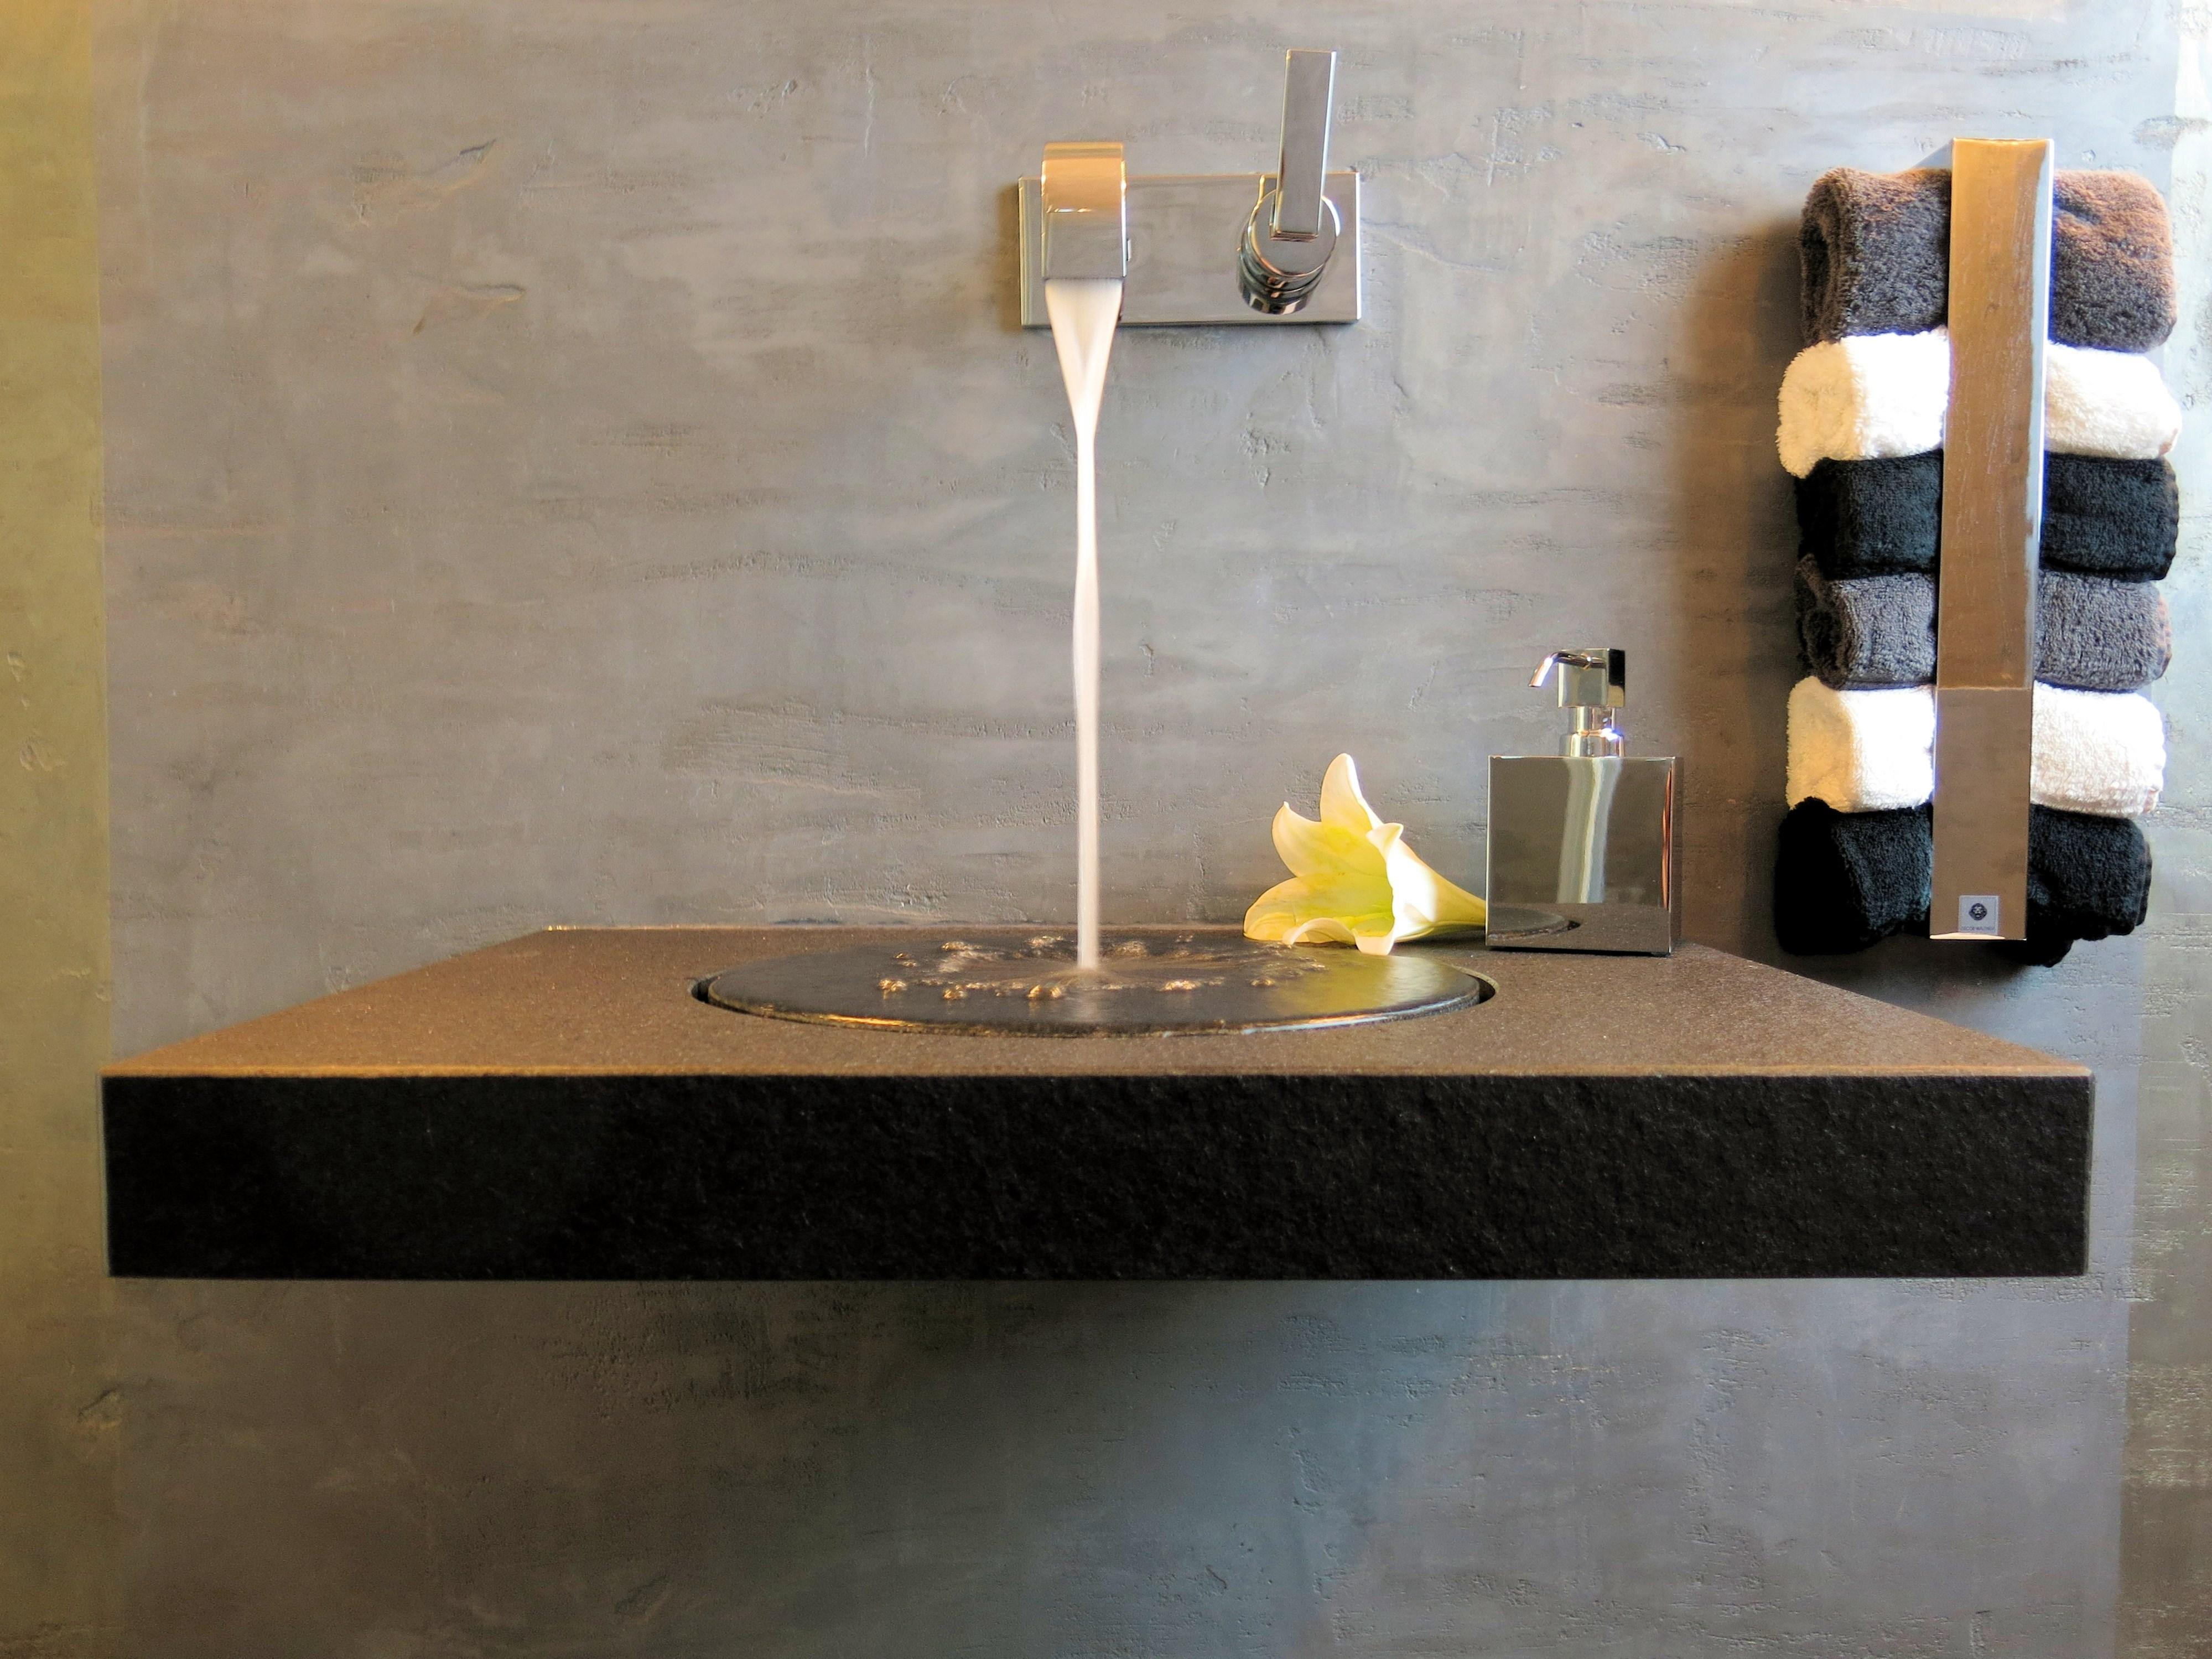 Luxus Waschbecken Im Badezimmer #waschbecken #handtuchhalter  #grauewandfarbe #luxuswaschbecken #luxusbadezimmer ©www